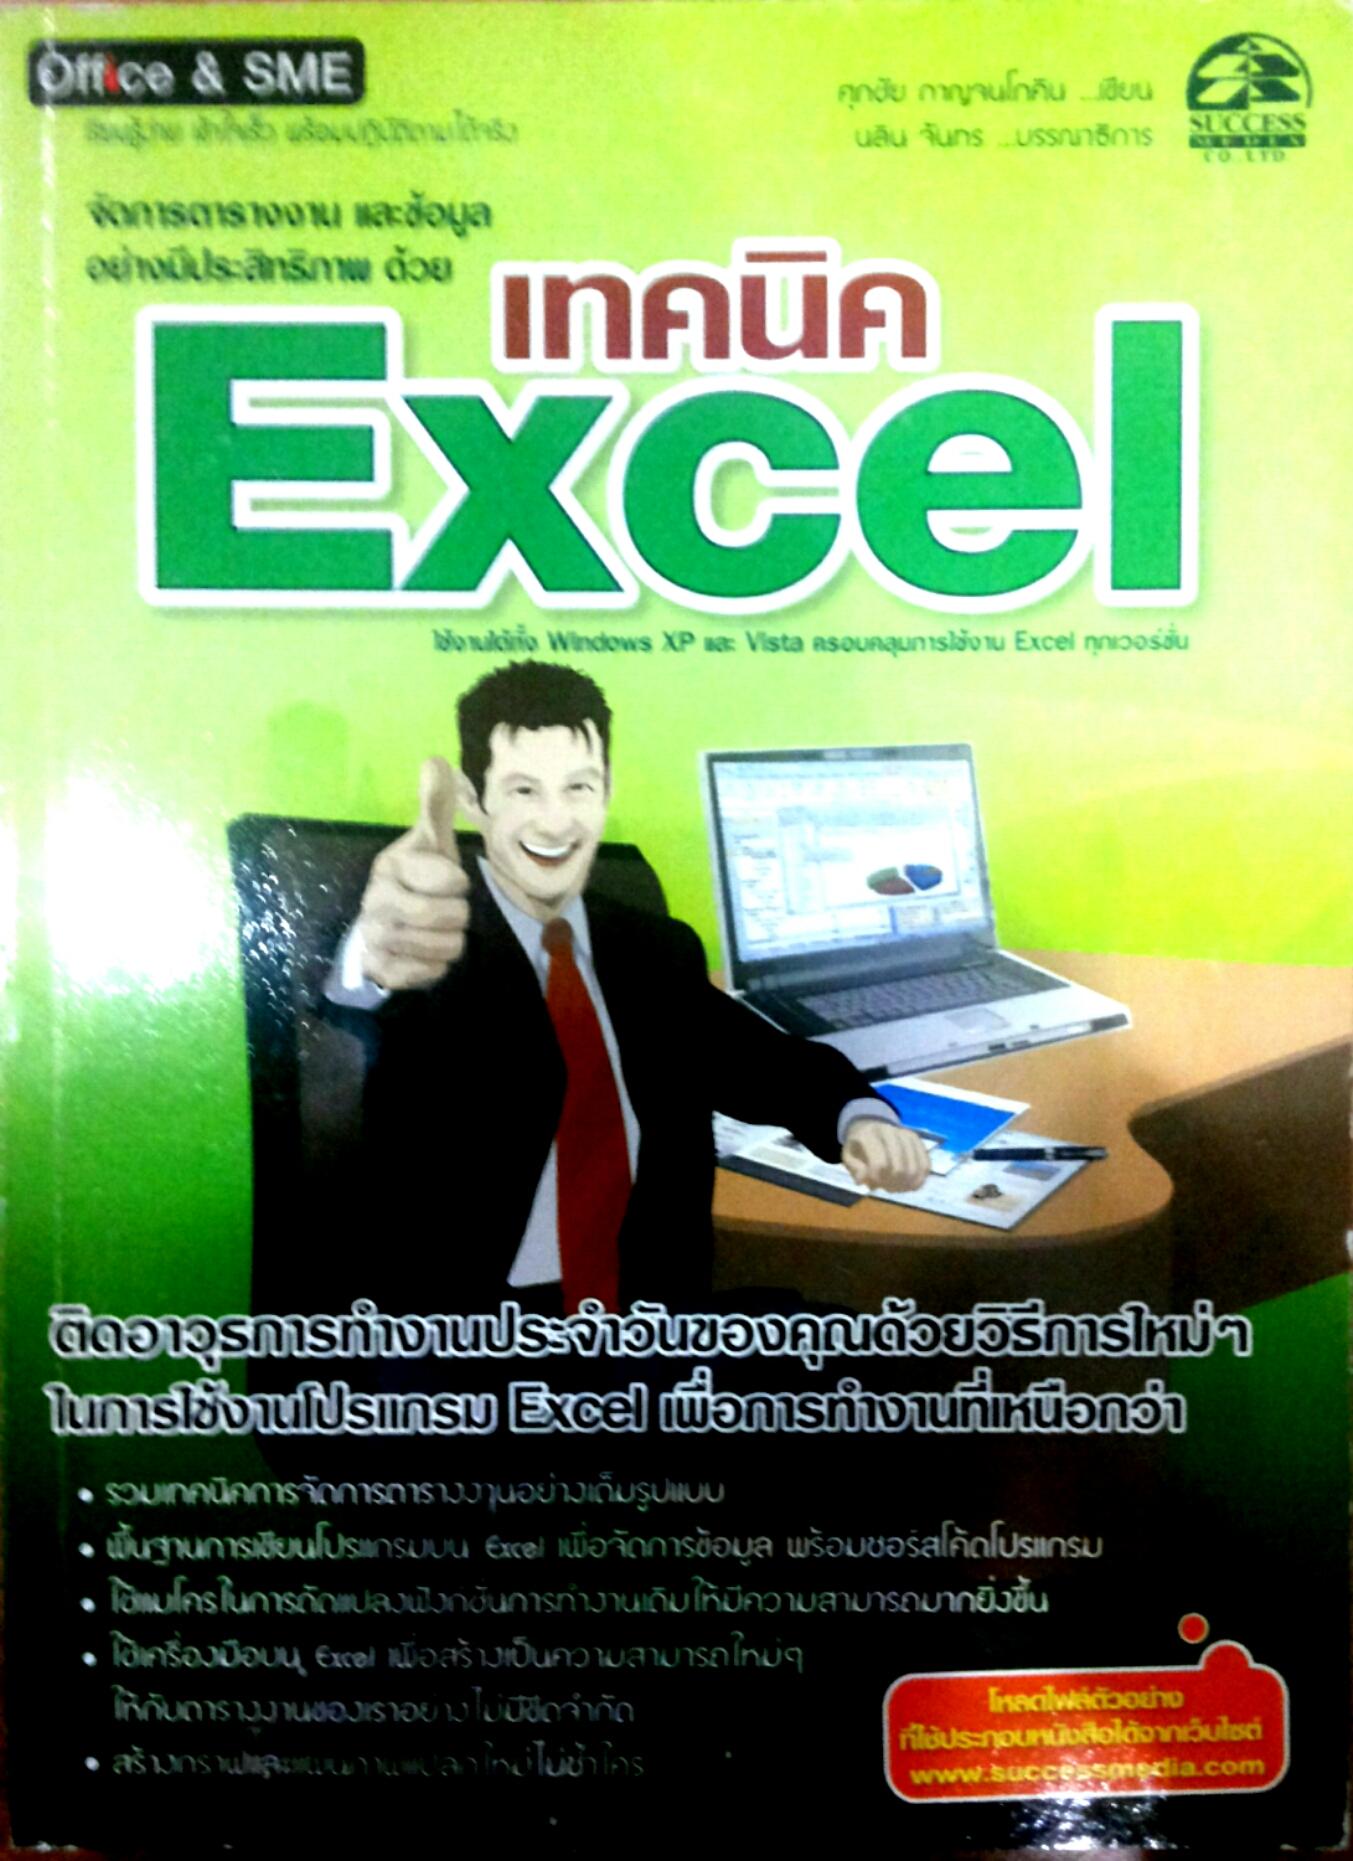 จัดการตารางงาน และข้อมูลอย่างมีประสิทธิภาพ ด้วยเทคนิค Excel